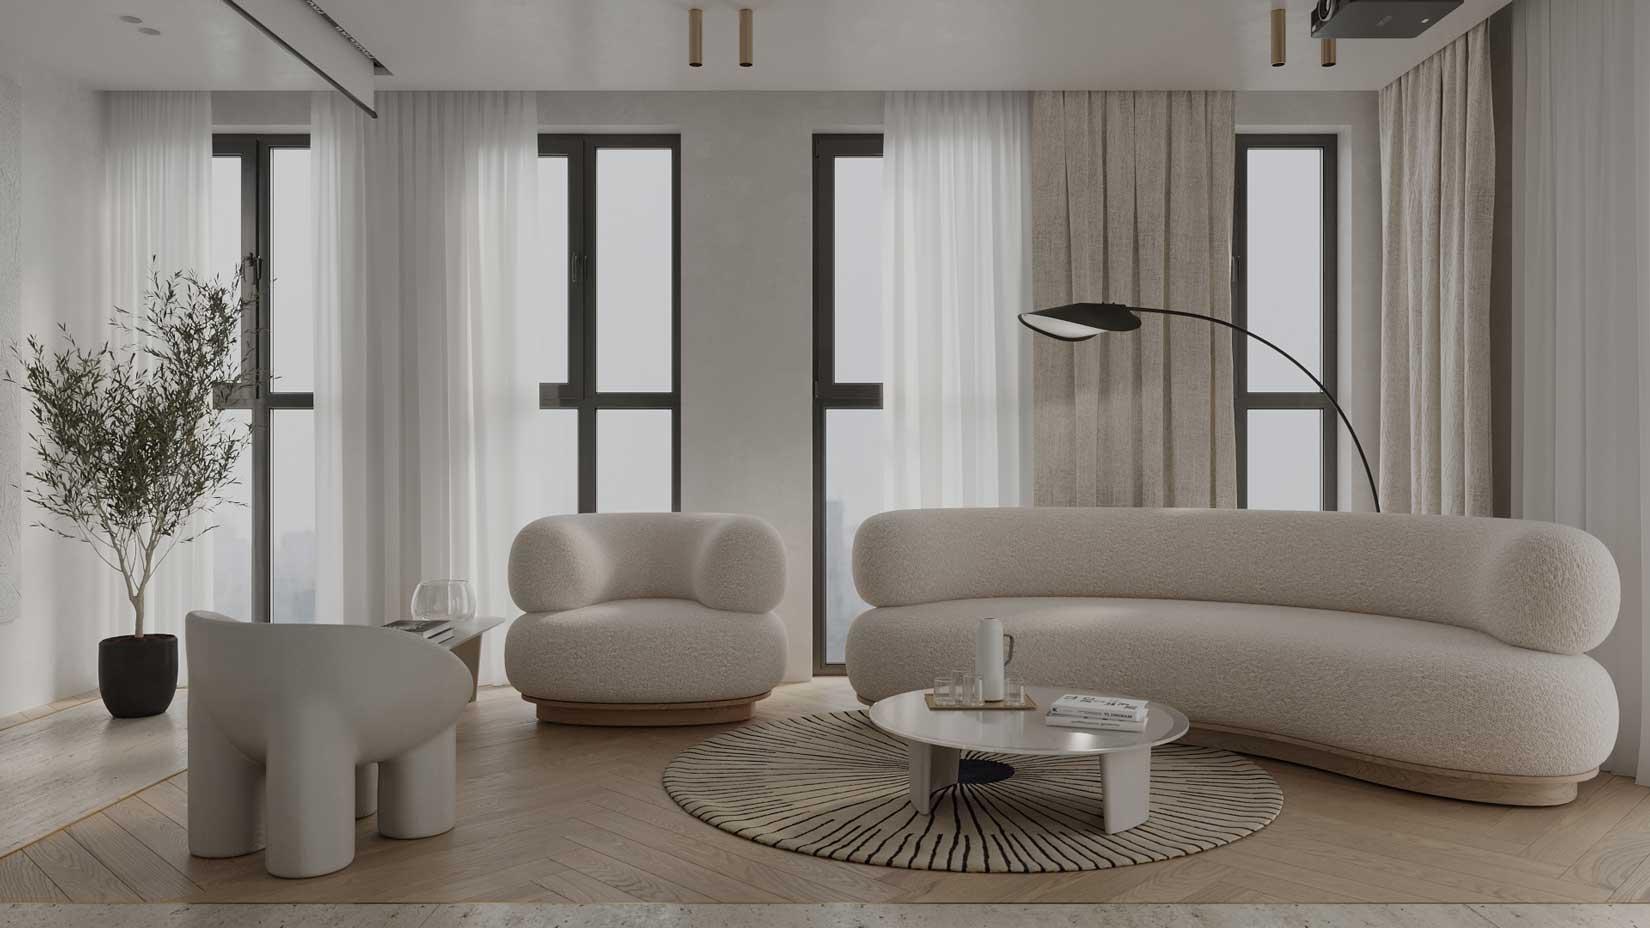 Le tube épais en laine bouclé se retrouve dans les fauteuils et canapés d'un salon blanc accueillant